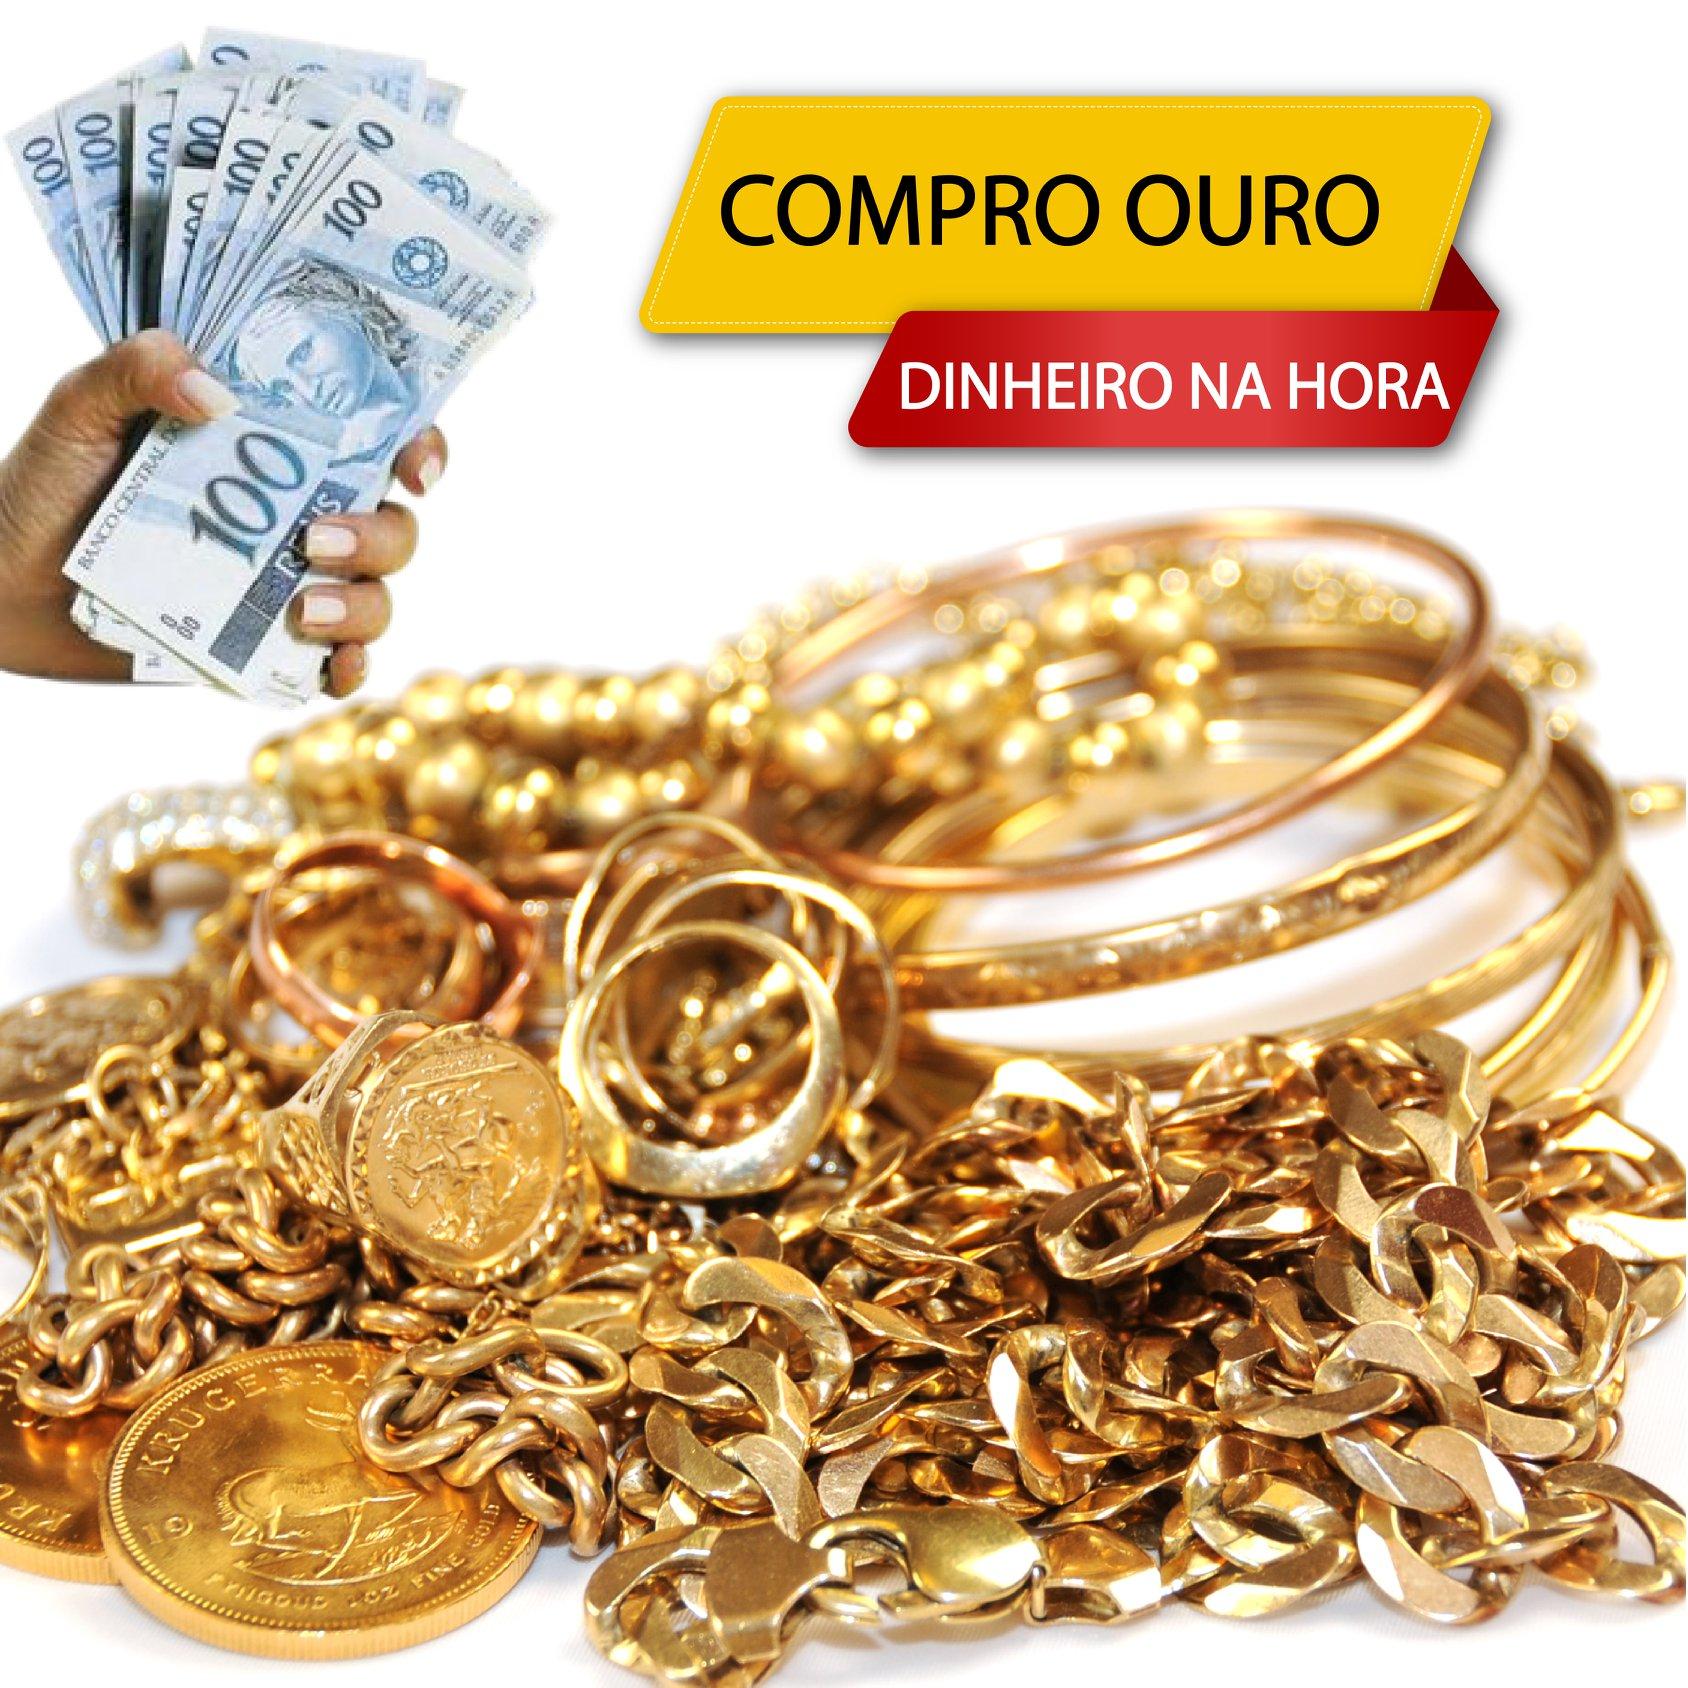 COMPRO OURO EM LEBLON - RJ